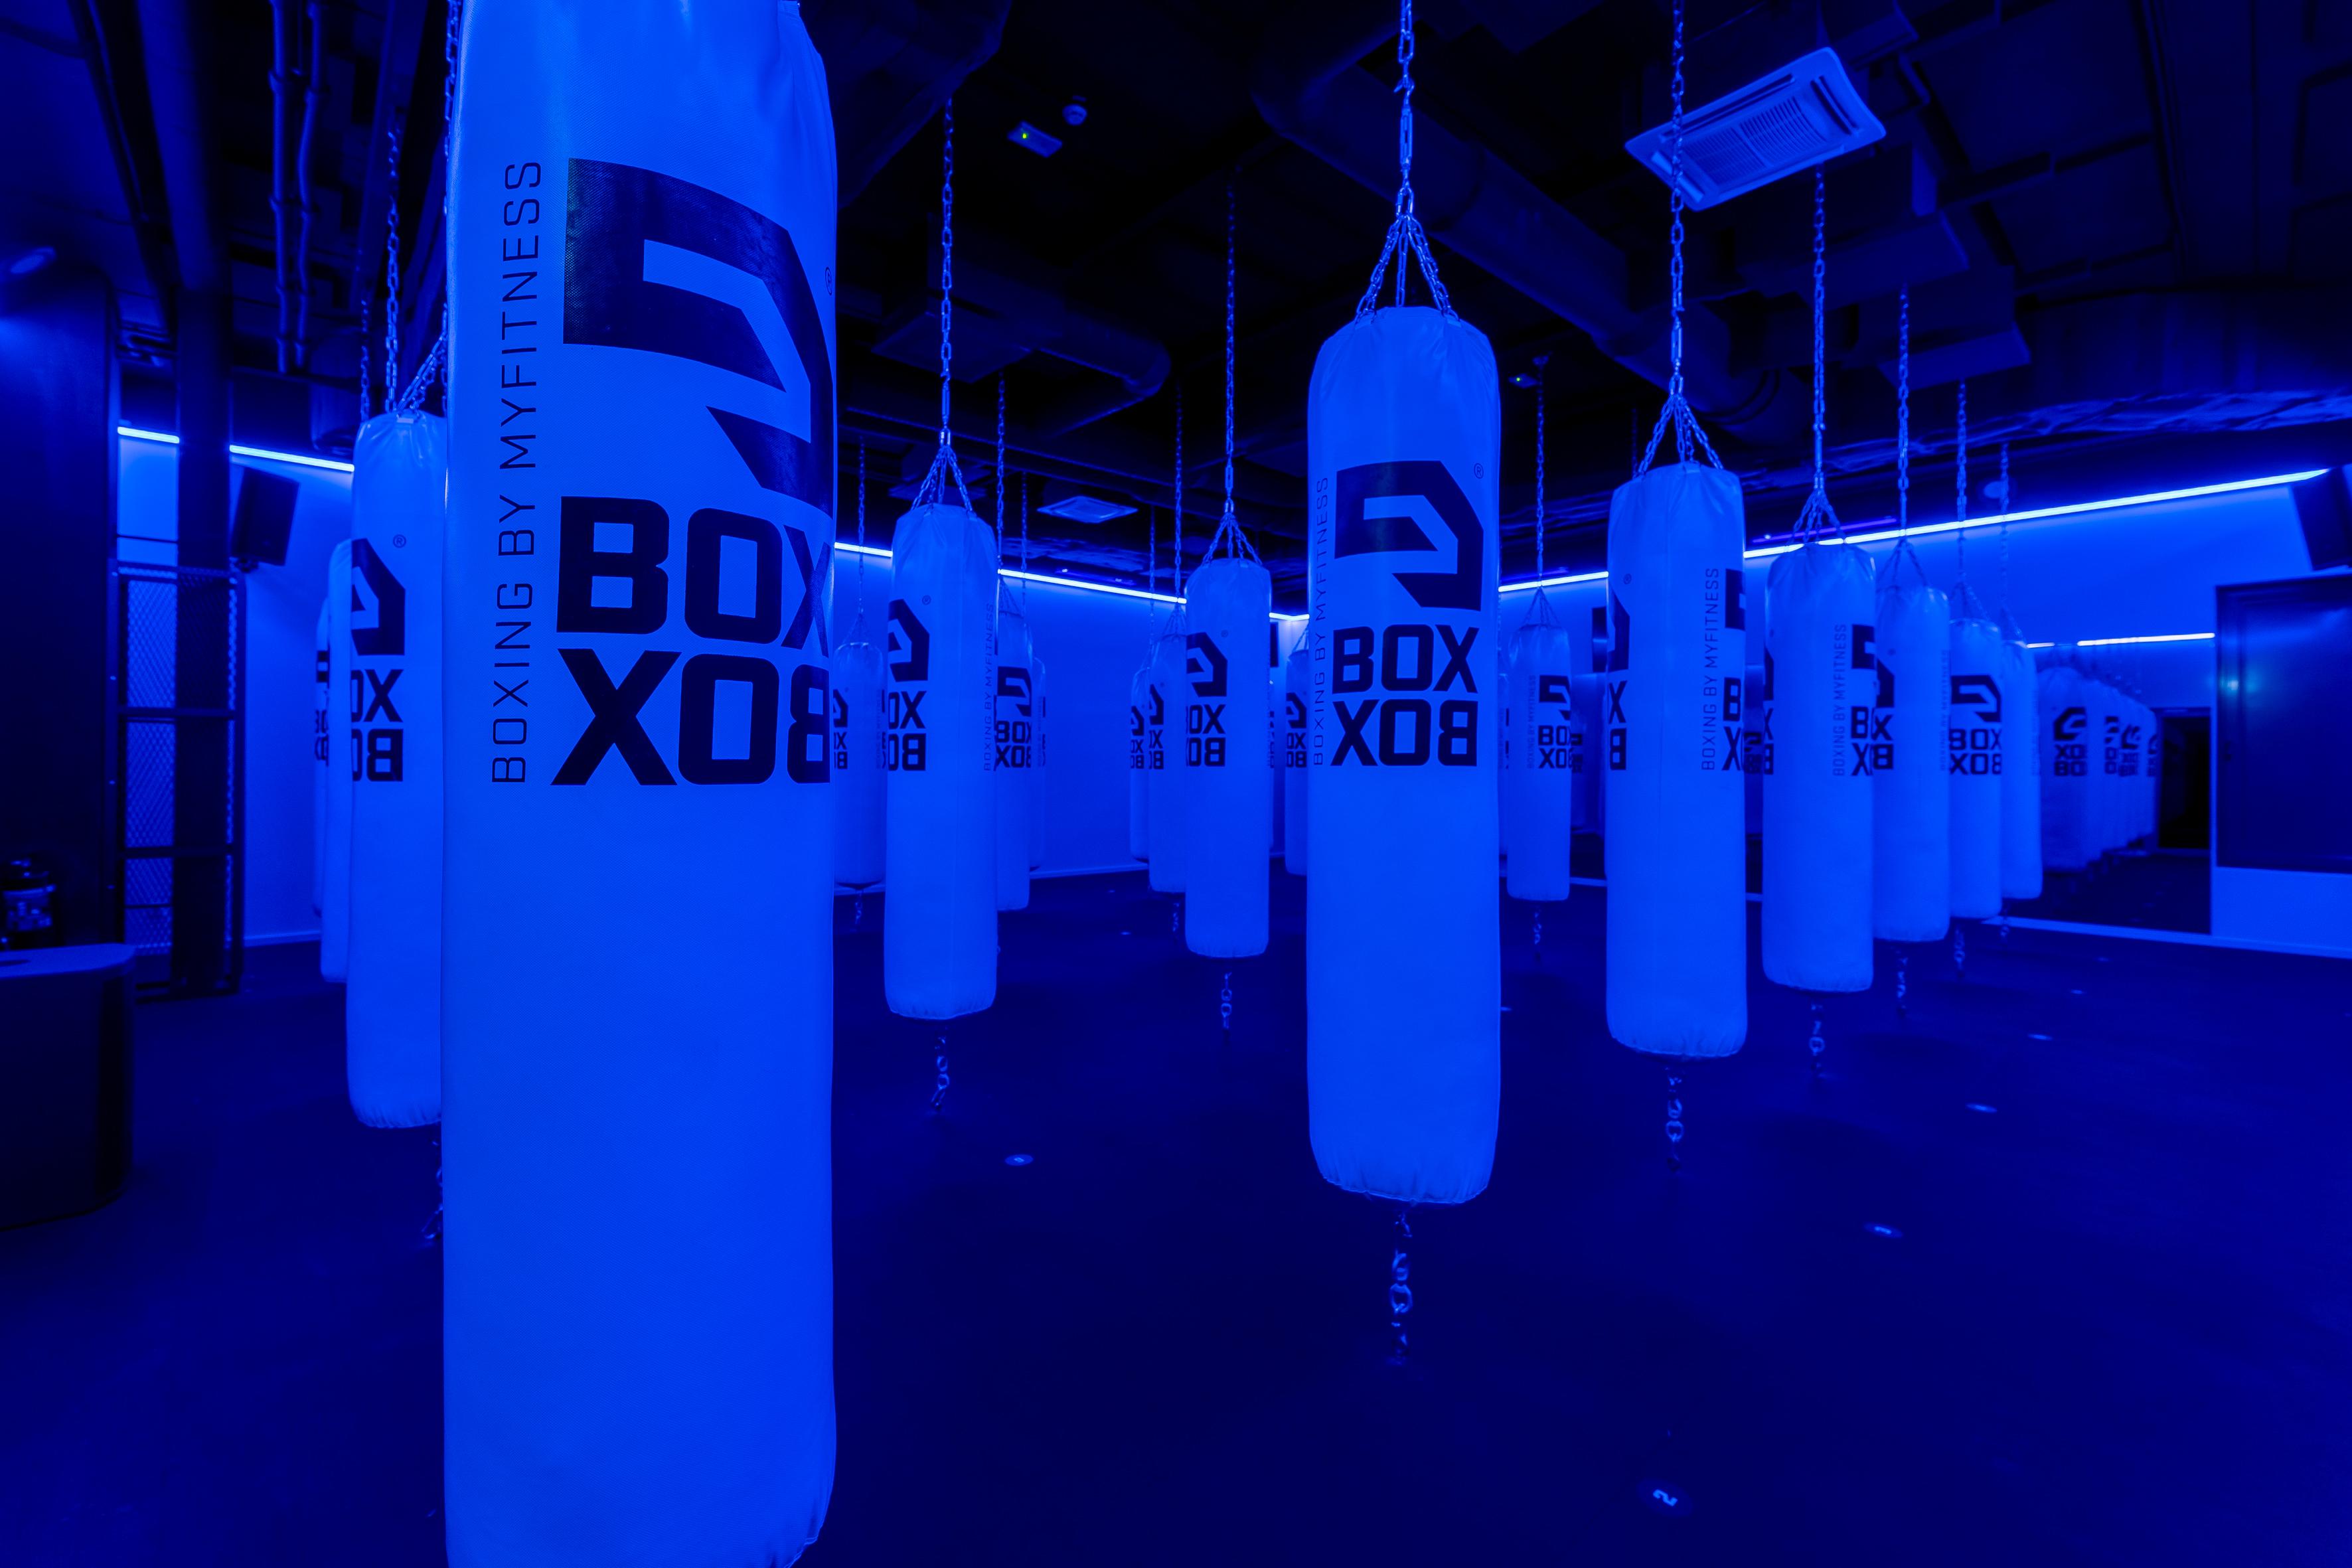 BOXBOX